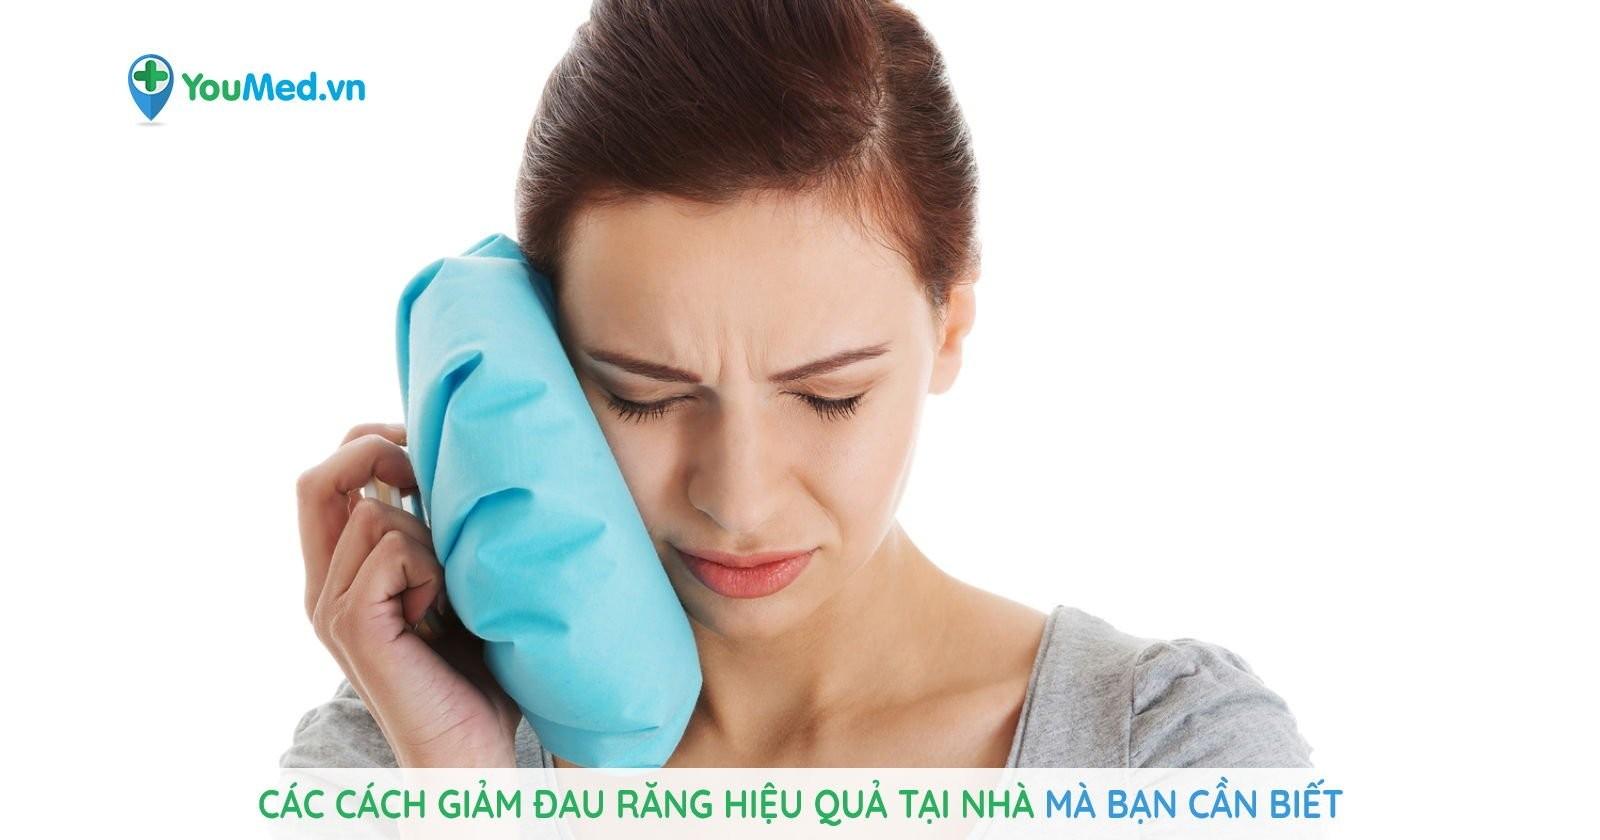 Các cách giảm đau răng hiệu quả tại nhà mà bạn cần biết